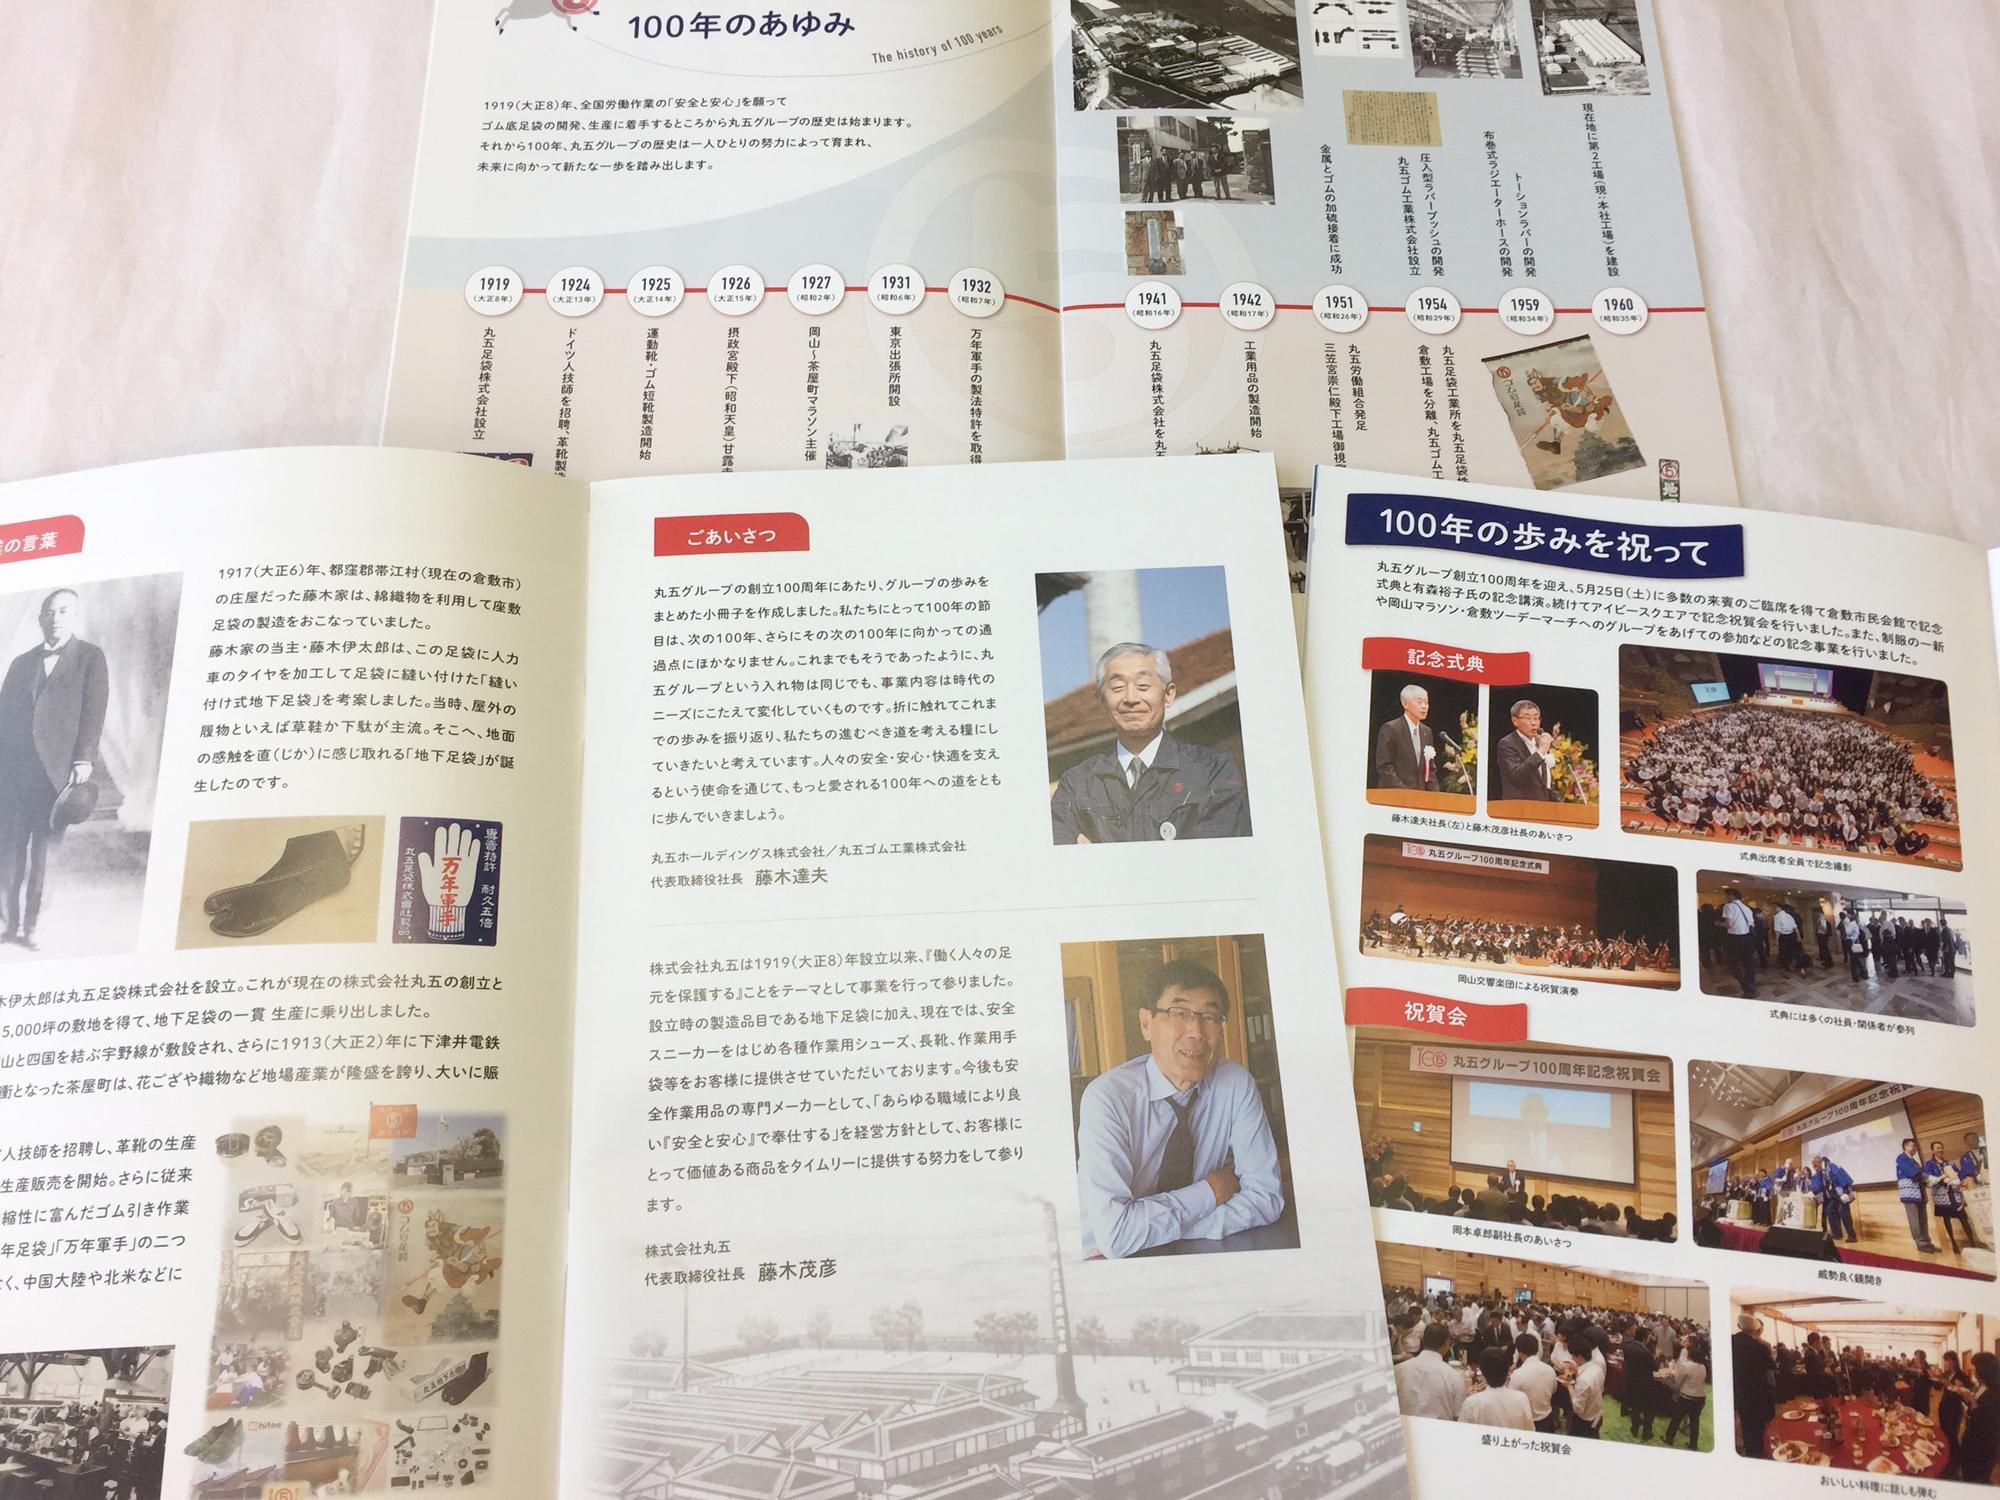 丸五グループ創業100周年記念誌「もっと愛される100年へ」画像1